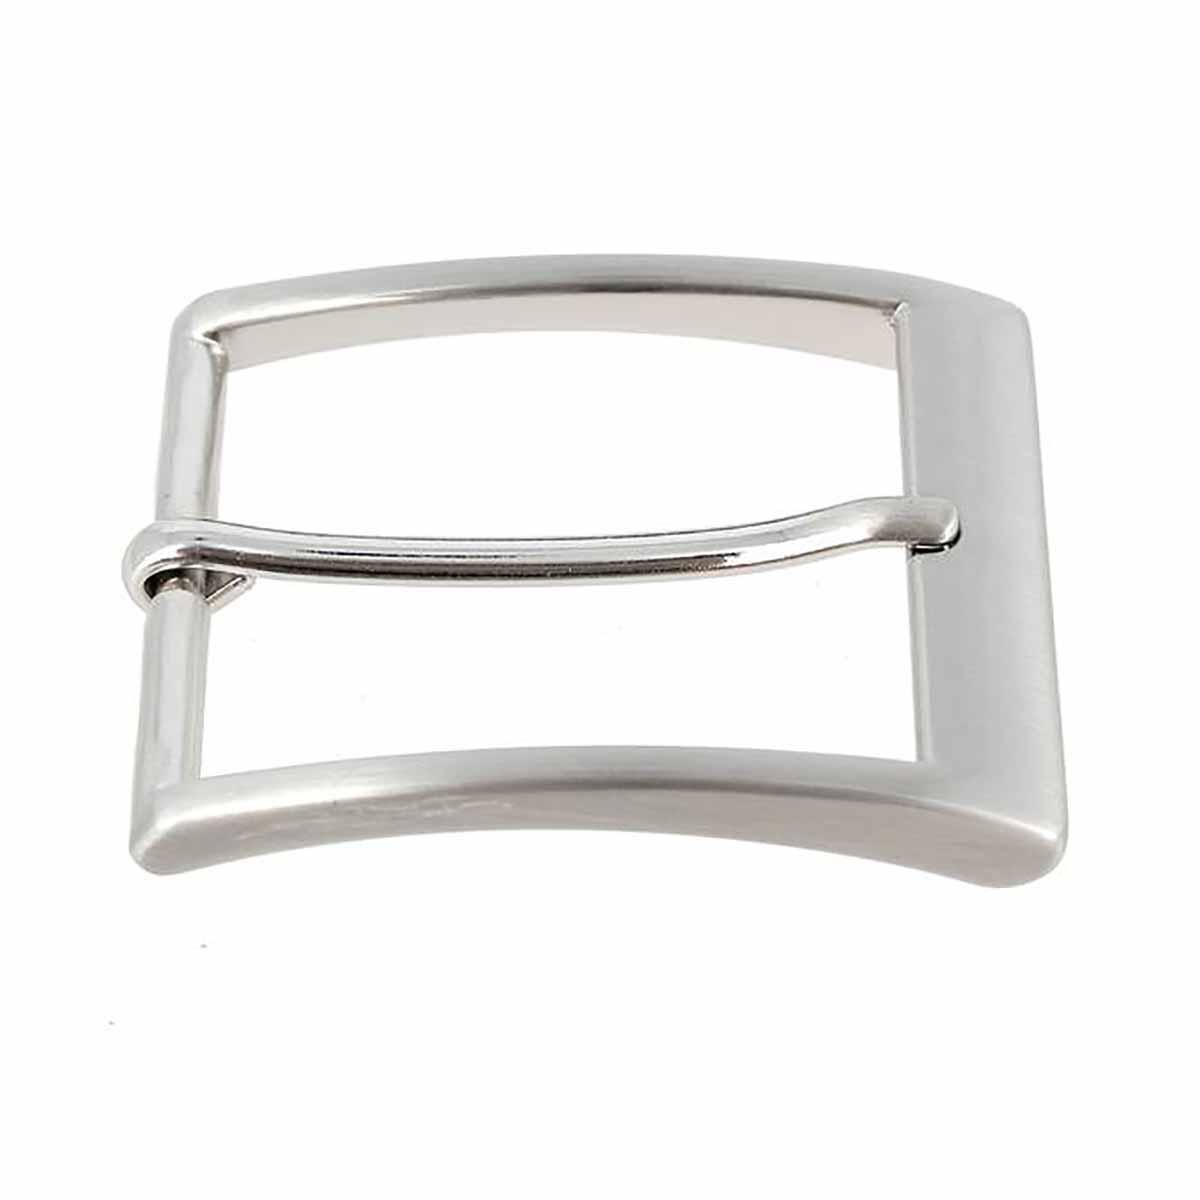 Boucle de ceinture JAK - NICKEL FREE SATINÉ - 40 mm